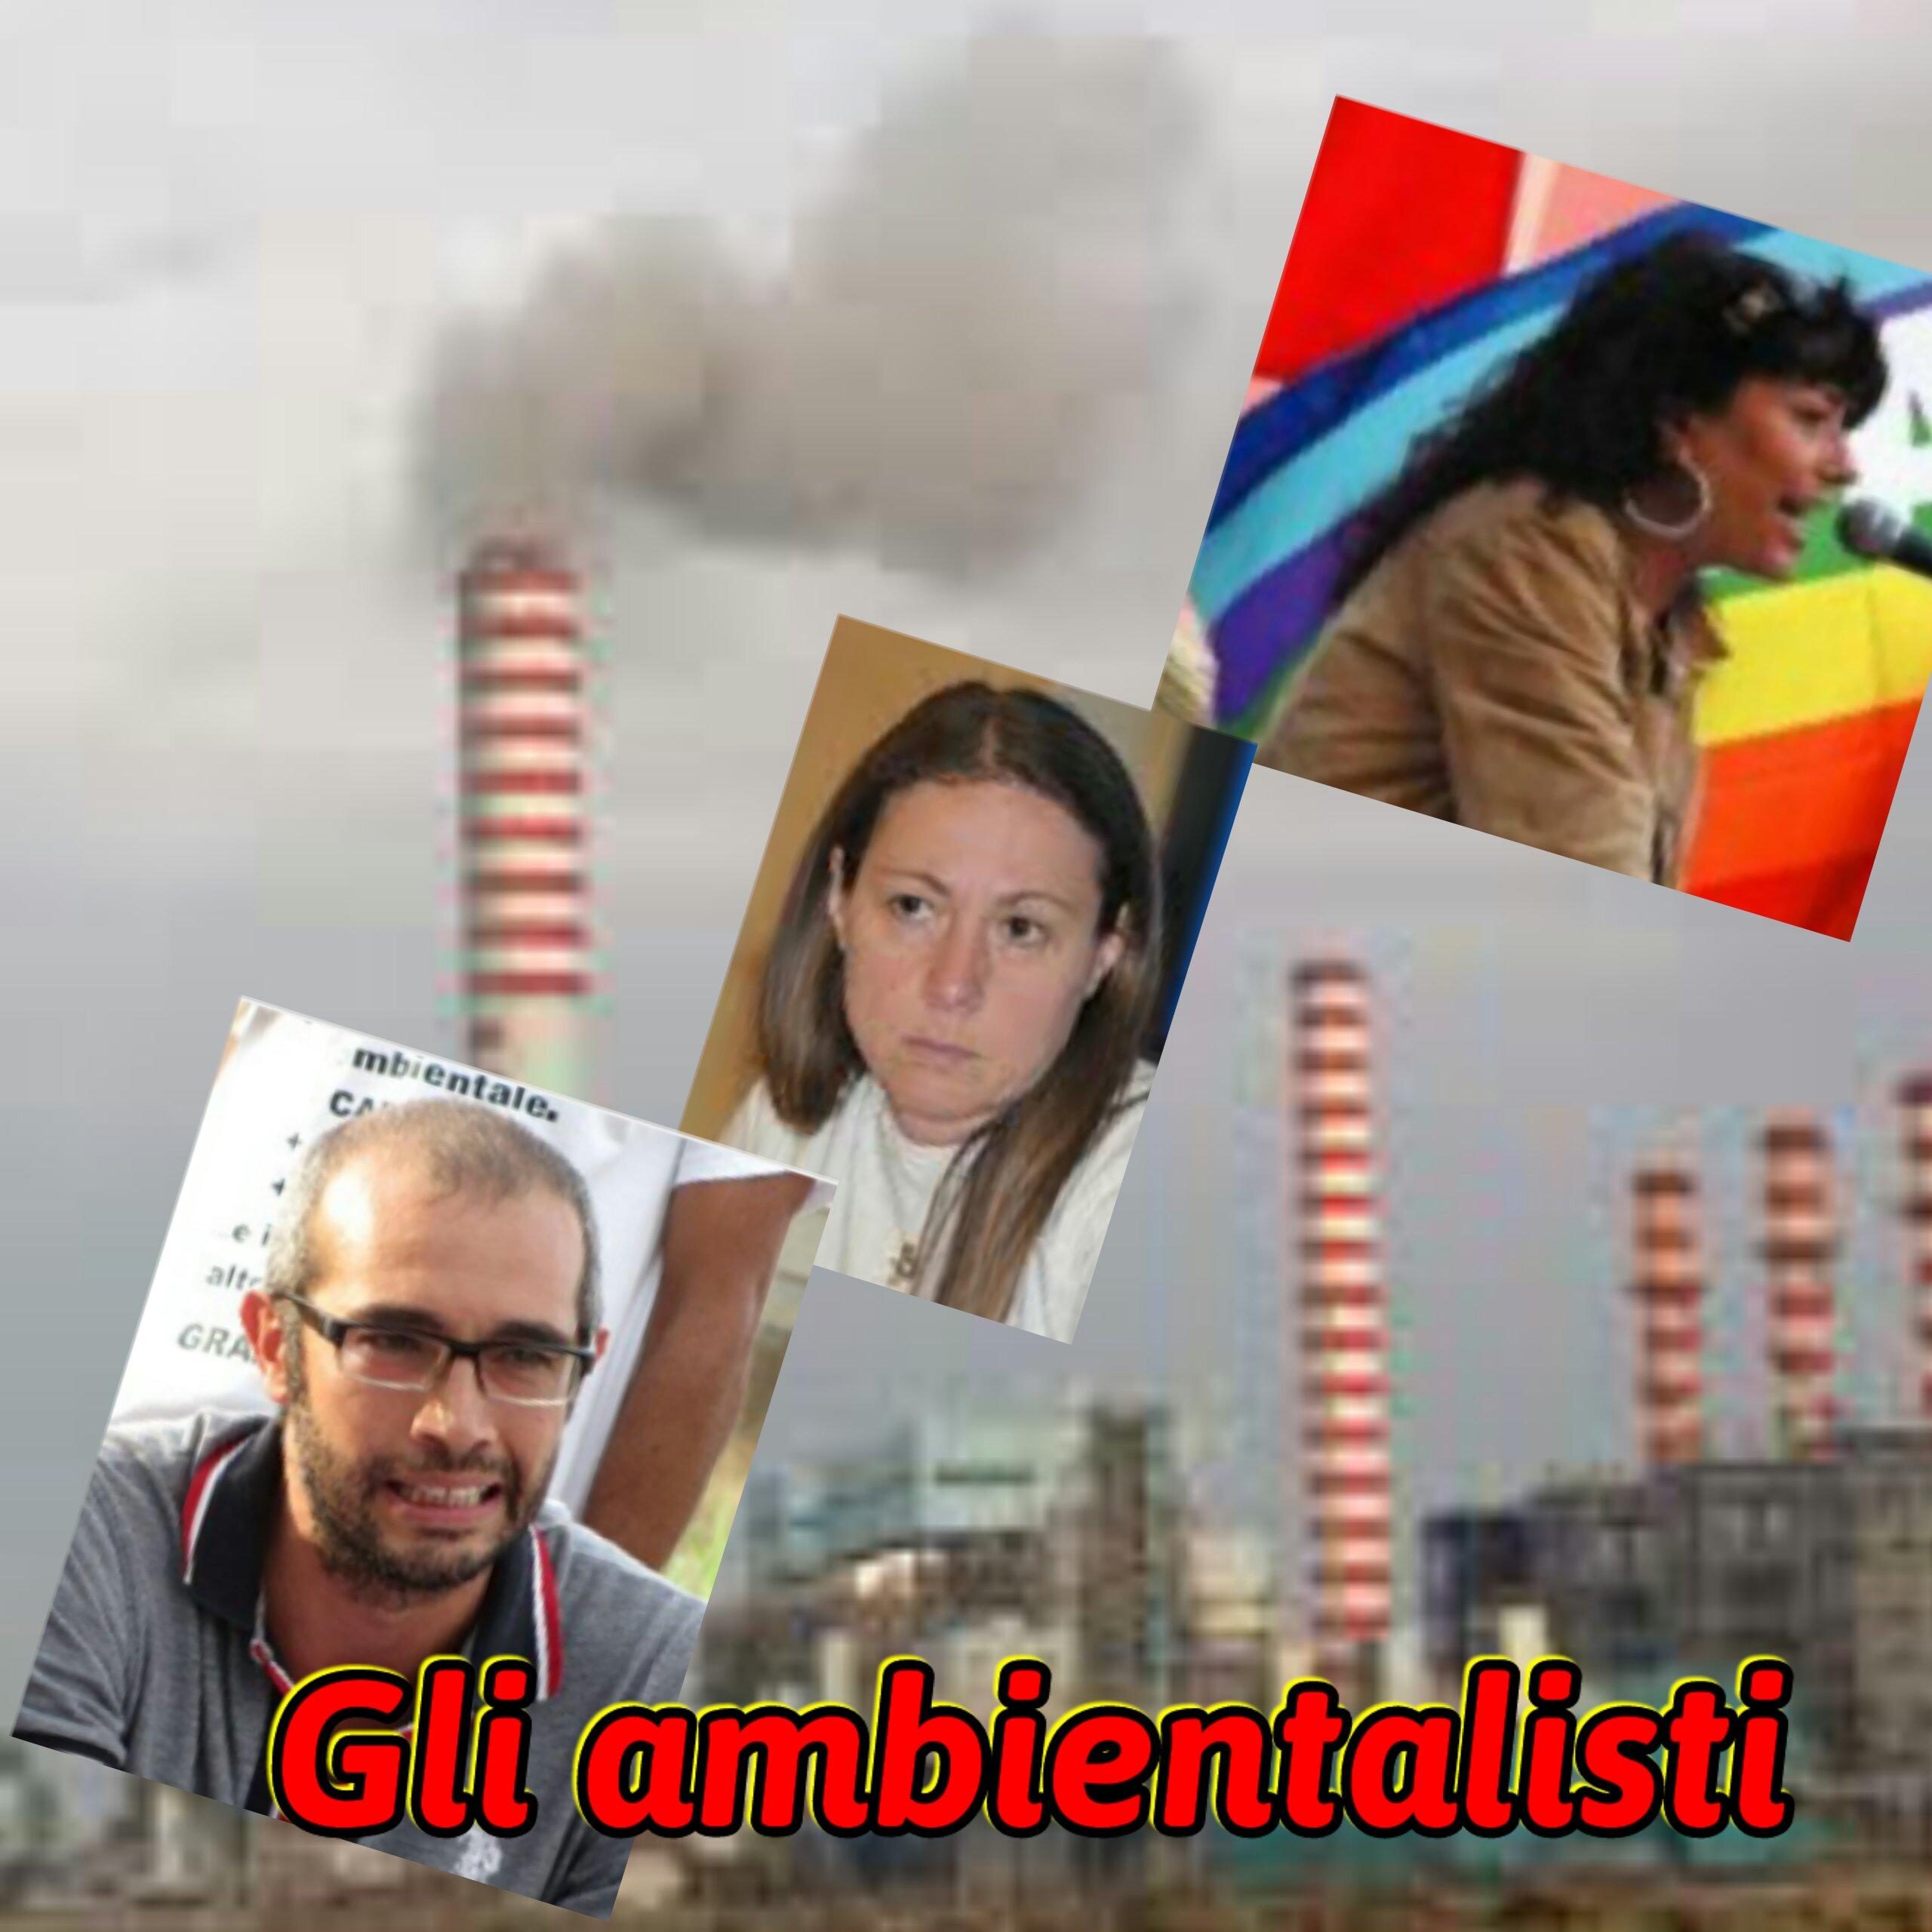 ambientalisti attaccati al fumo